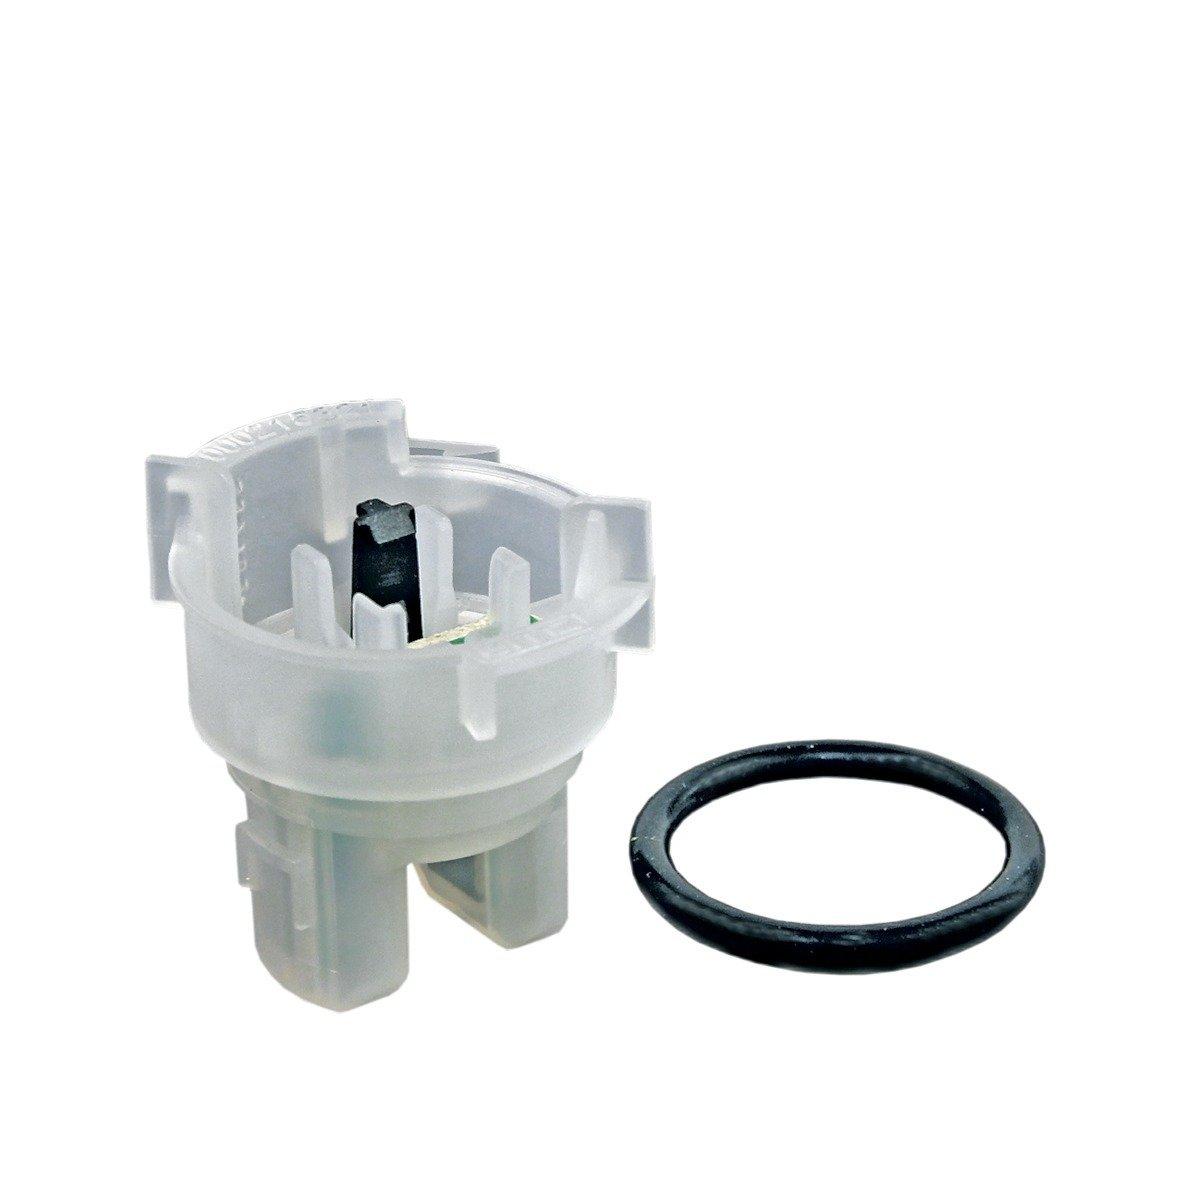 Wasserschmutzsensor Wasserindikator Optisch Geschirrspuler